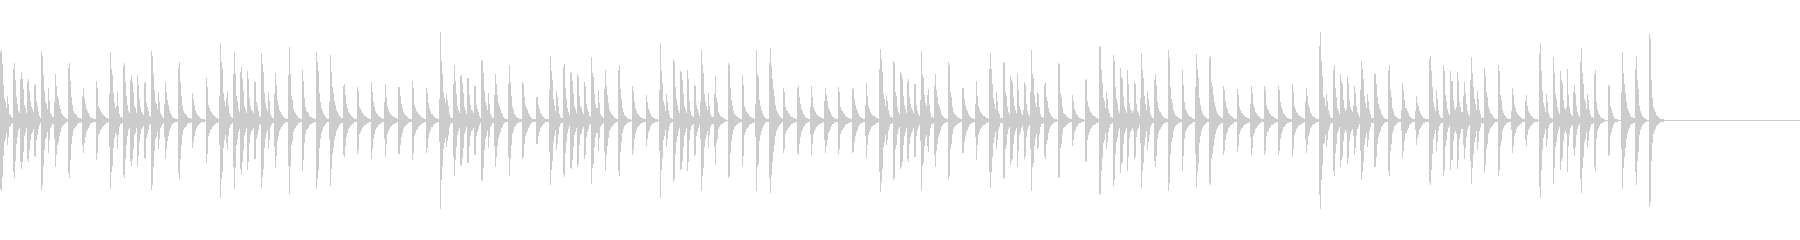 木琴のお料理を時のかわいいBGMの未再生の波形